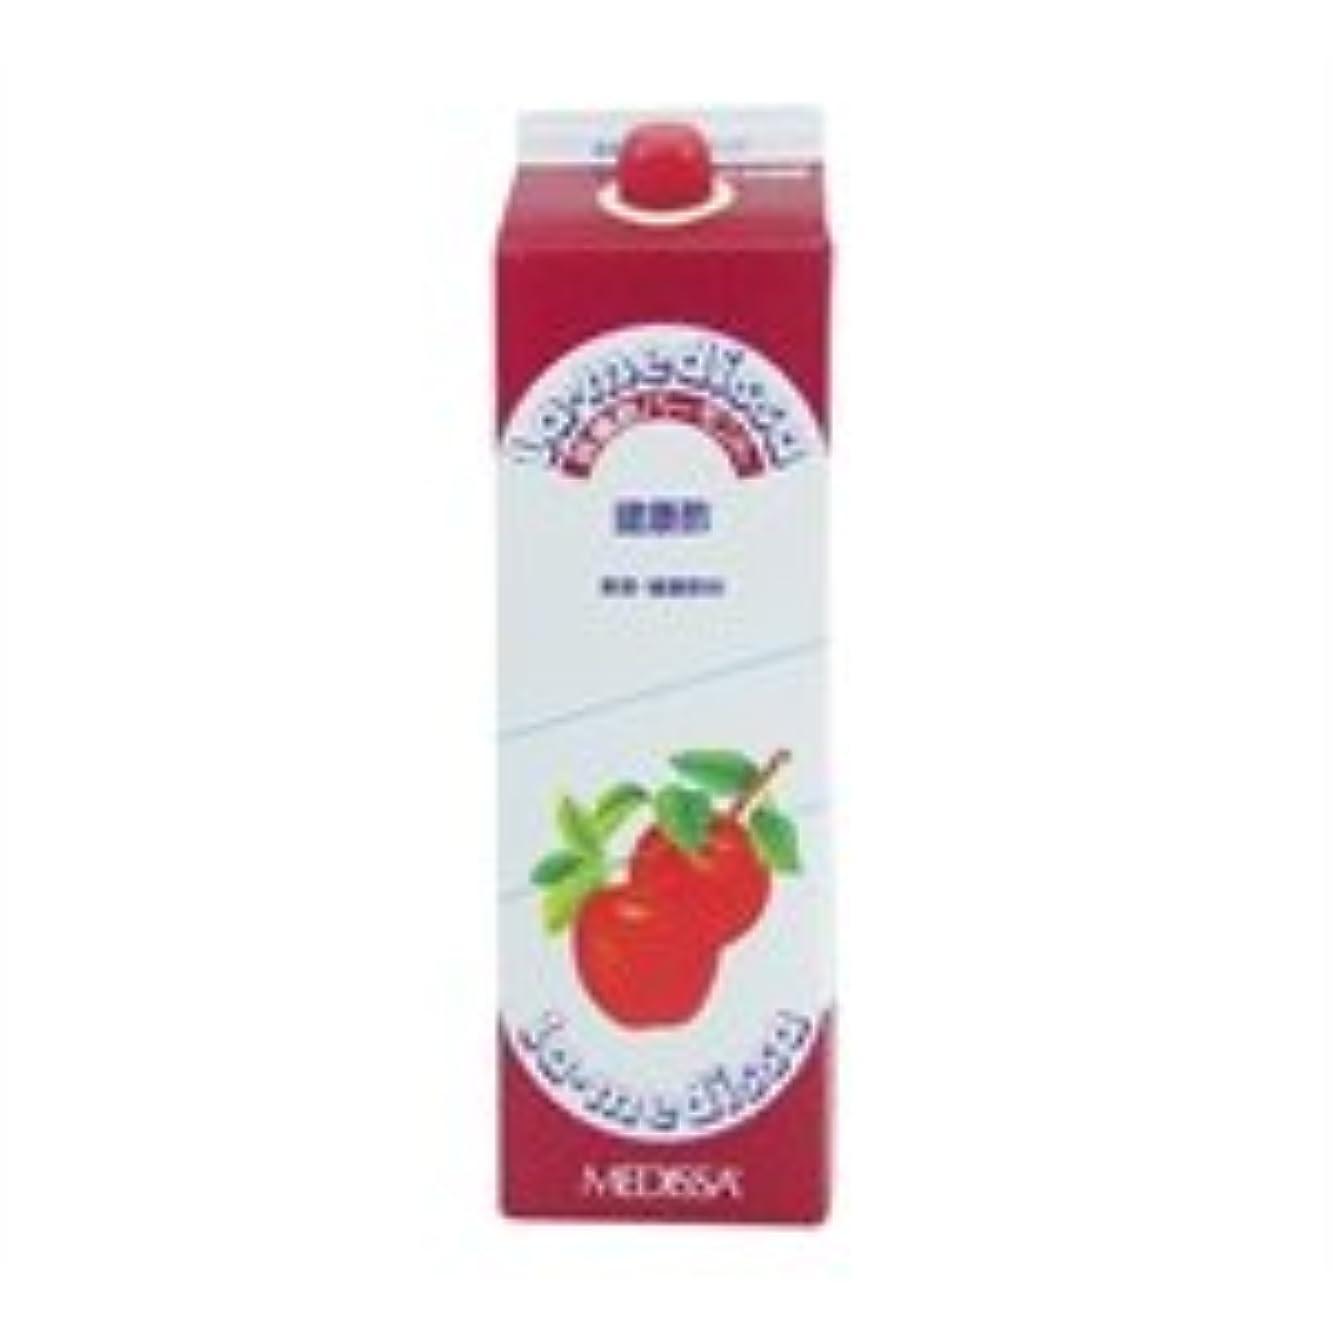 知っているに立ち寄る呼ぶつぼみラ?メデッサ リンゴ酢バーモント 1.8L